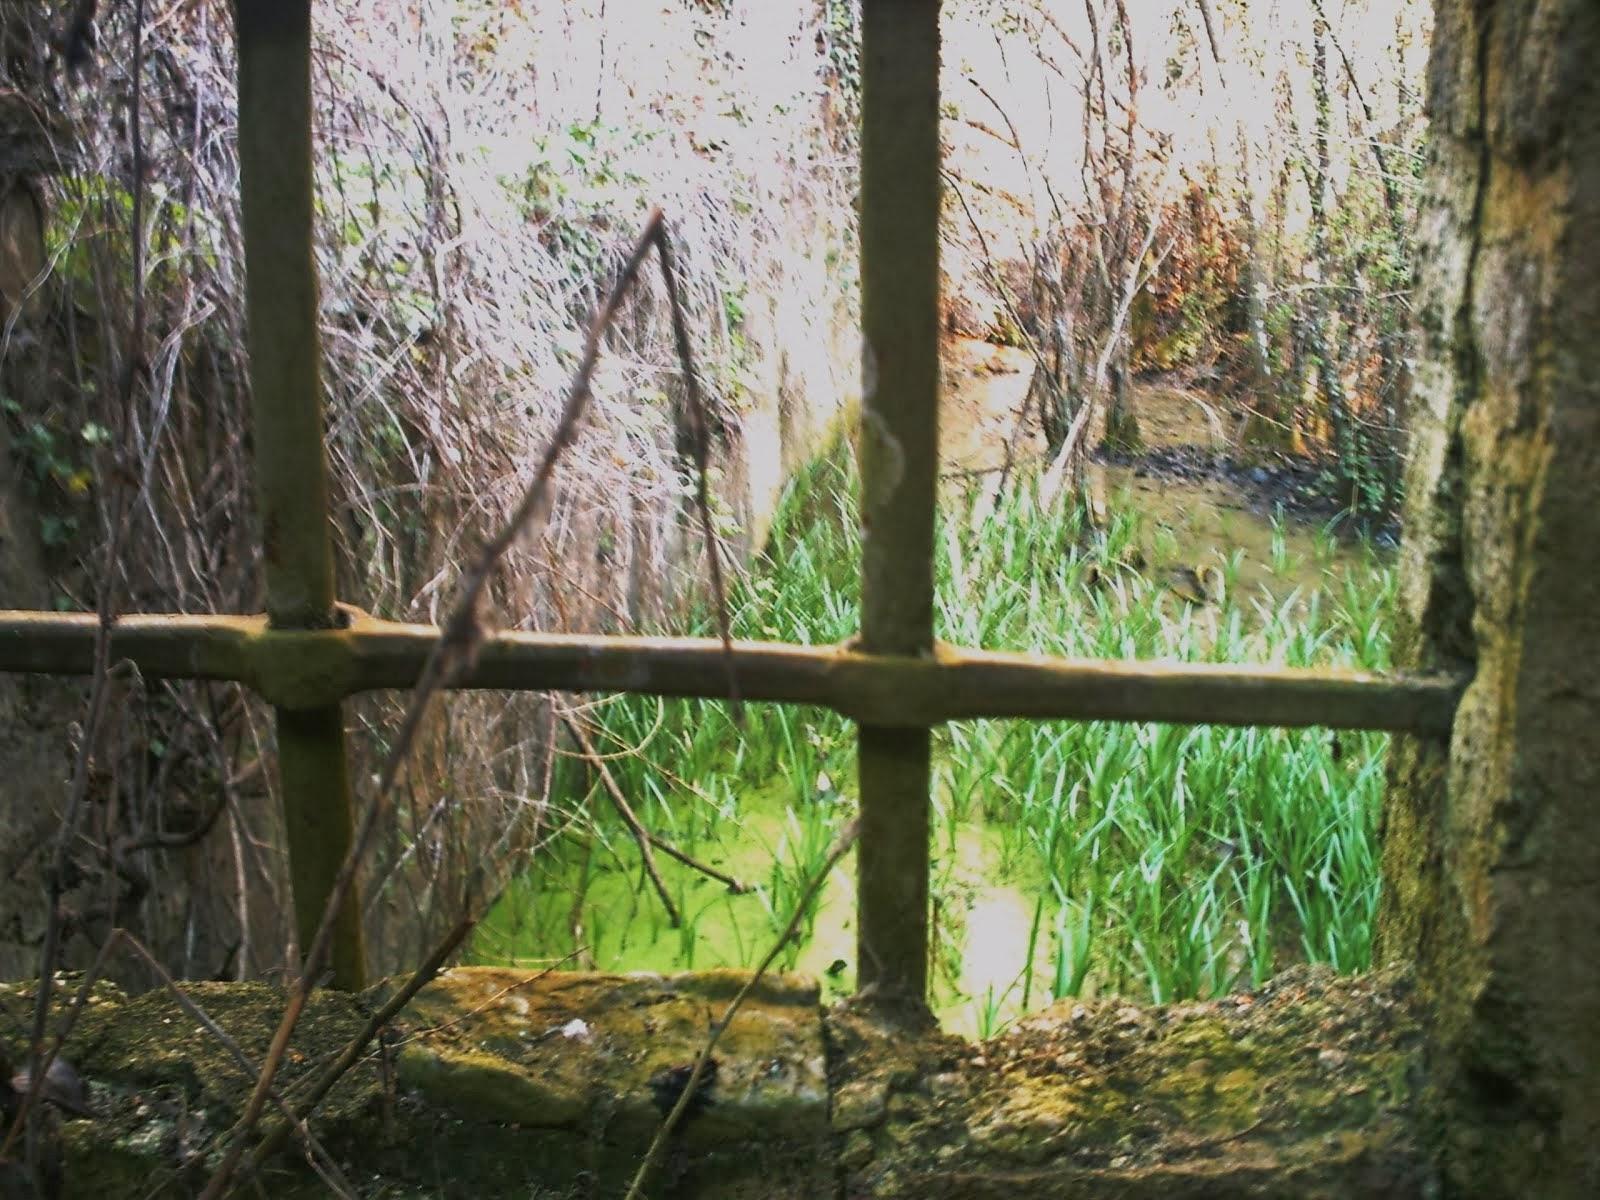 Salida canal central   P.jado-Steve Czwortek